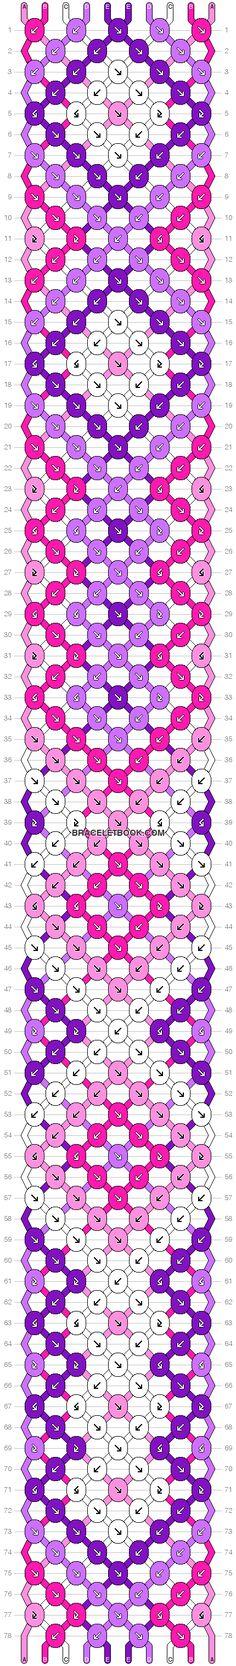 pattern.png 430×3,036픽셀